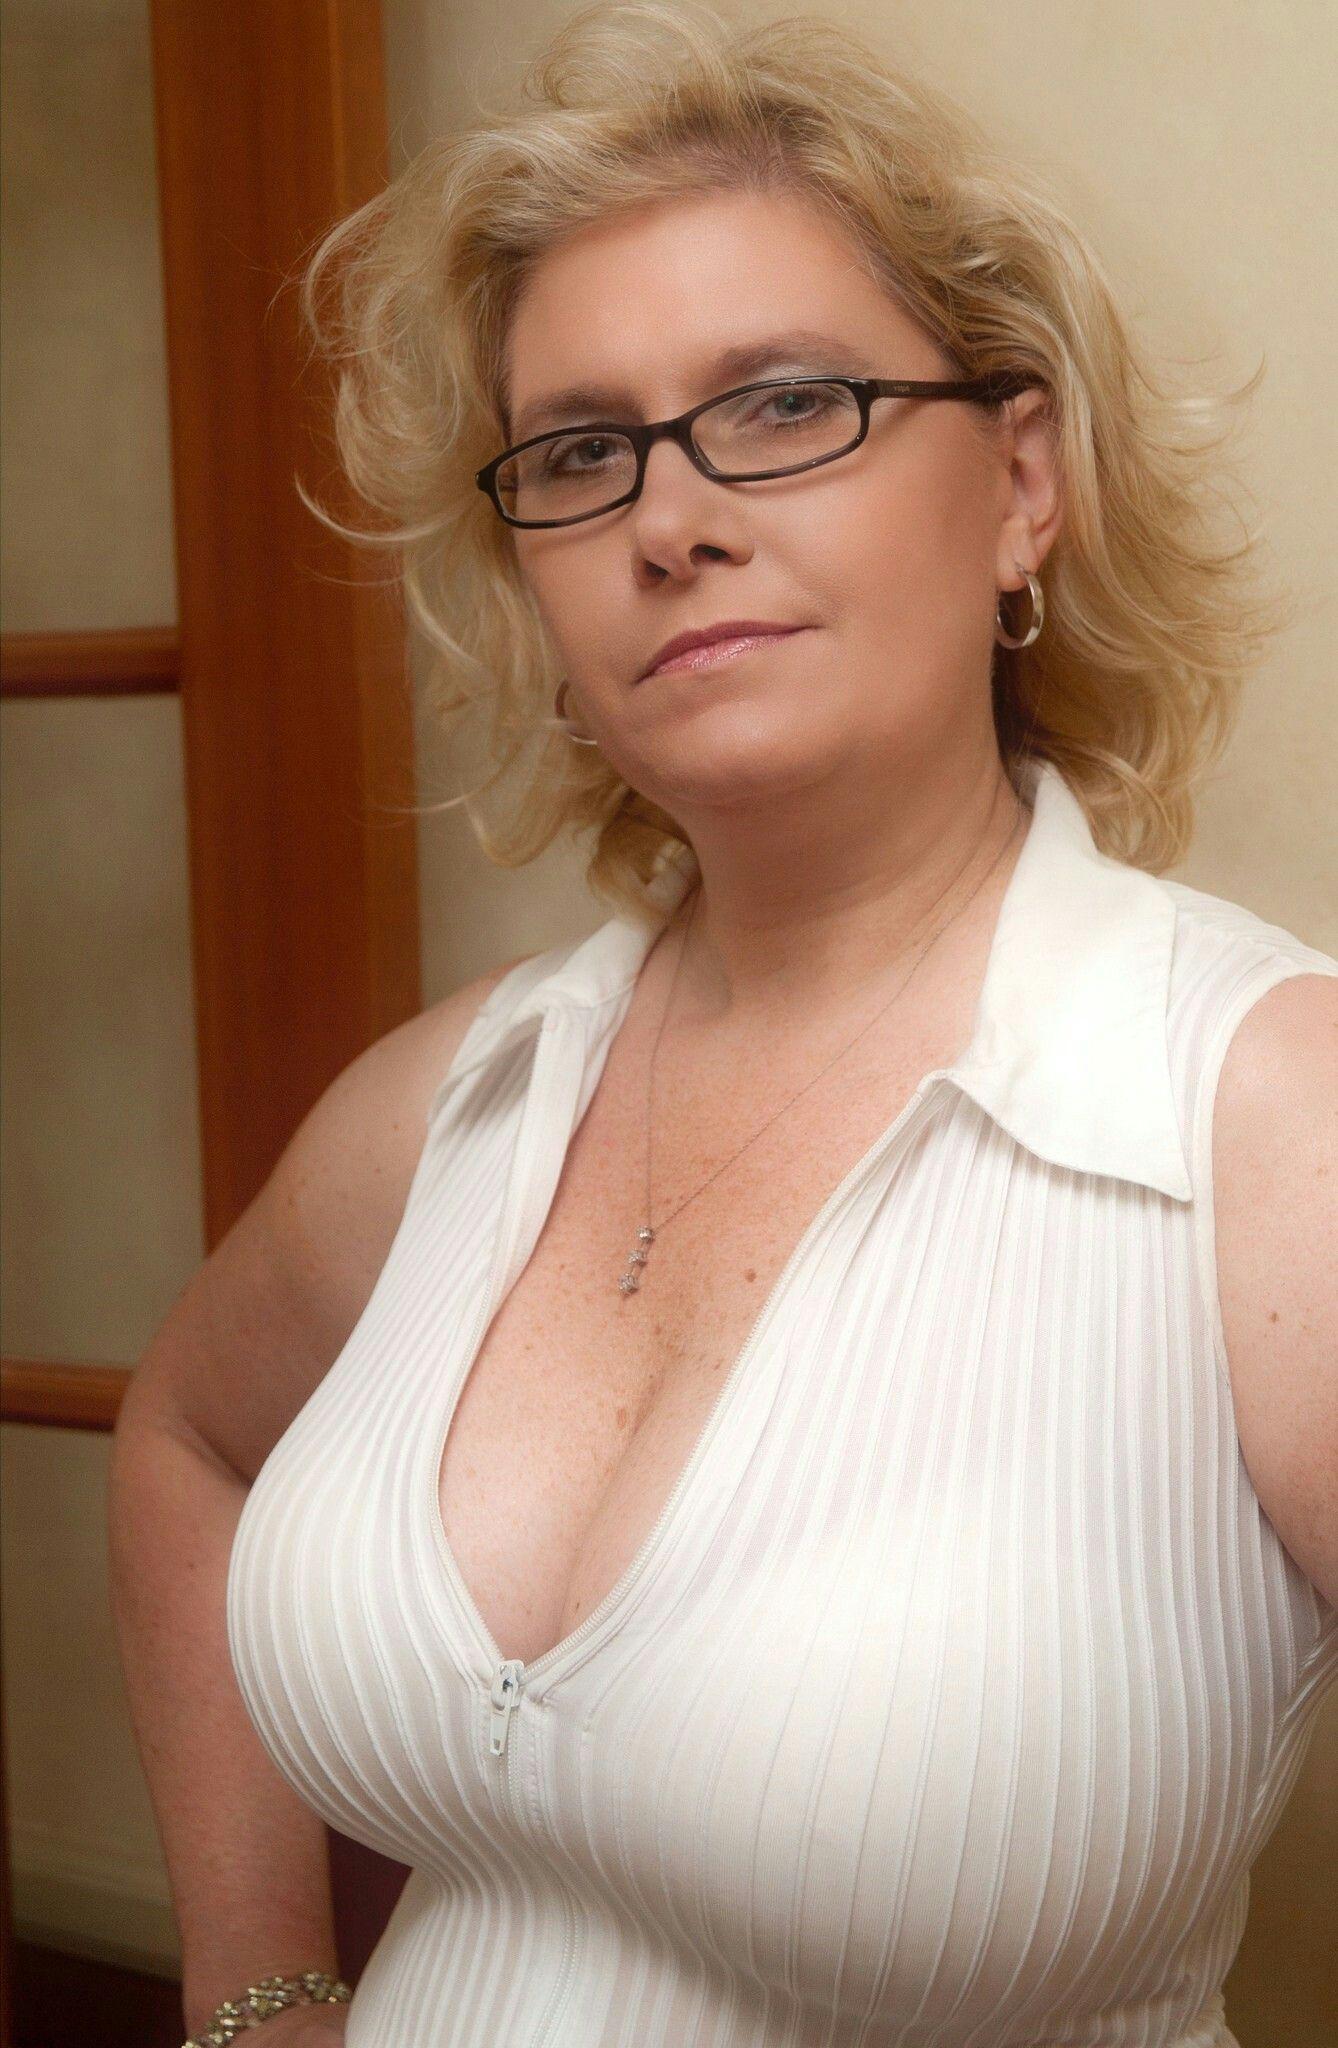 Rena sofer nude sex gif